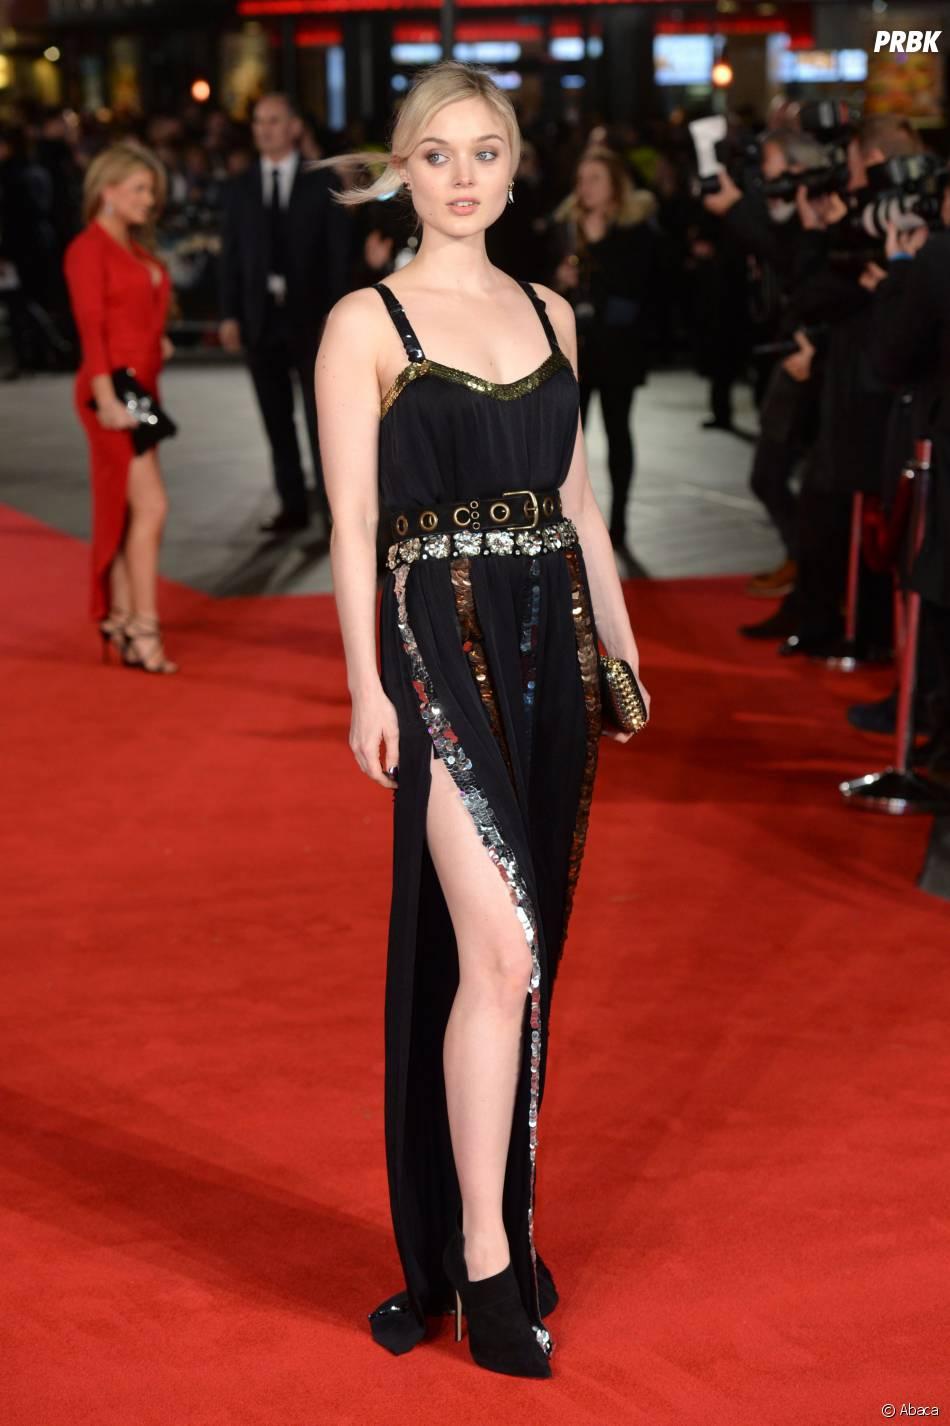 Bella Heathcote castée pour jouer dans Fifty Shades Darker aux côtés de Jamie Dornan et Dakota Johnson